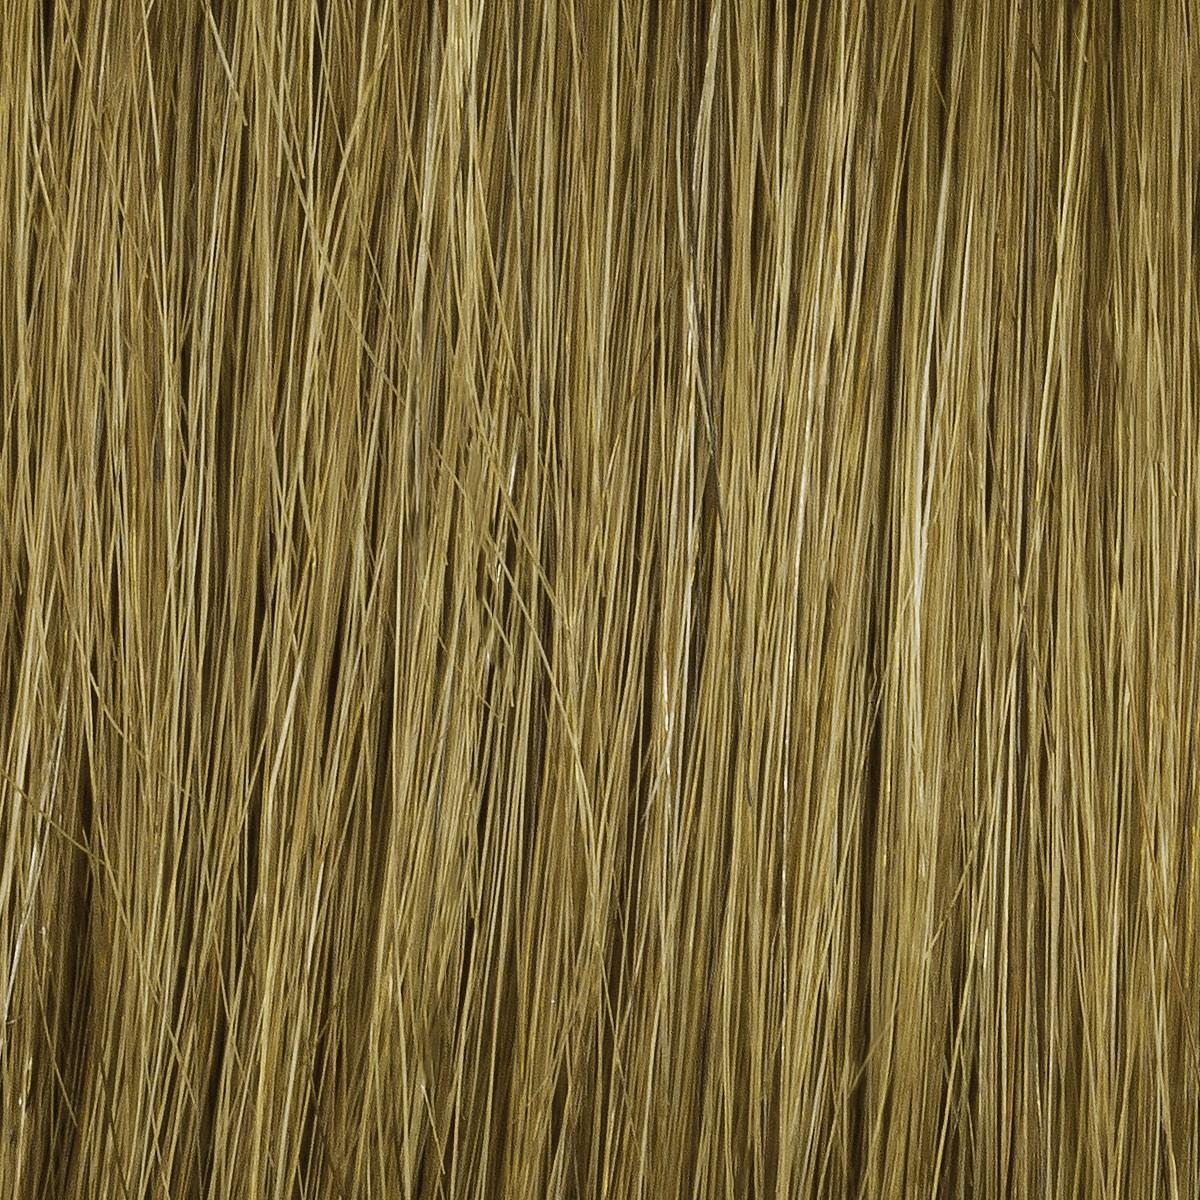 R6HH Medium Auburn Human Hair